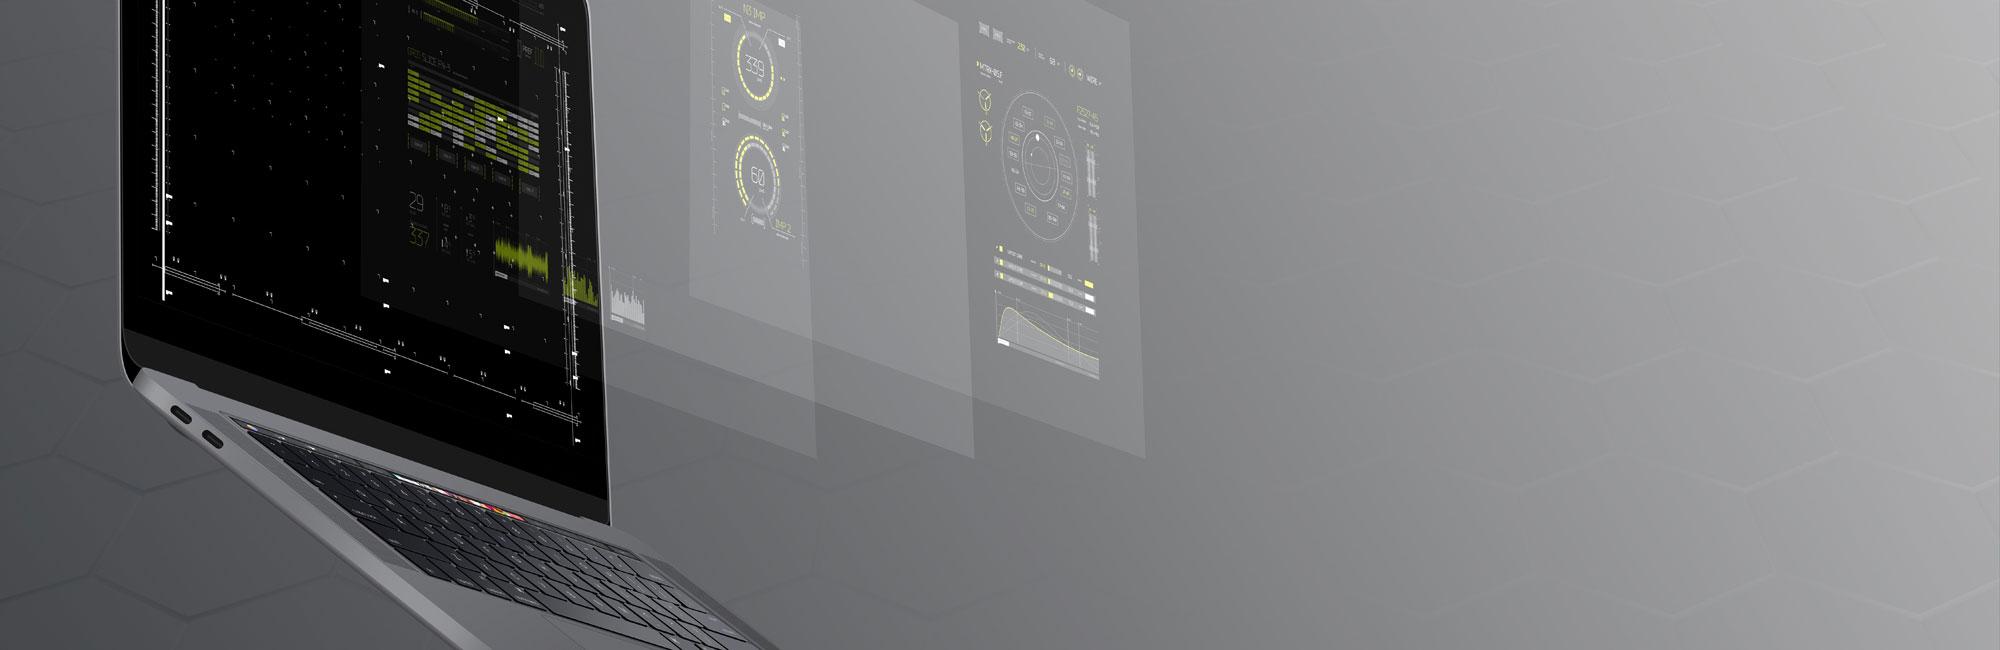 Snelle en veilige websites - Hoogma Webdesign Beerta